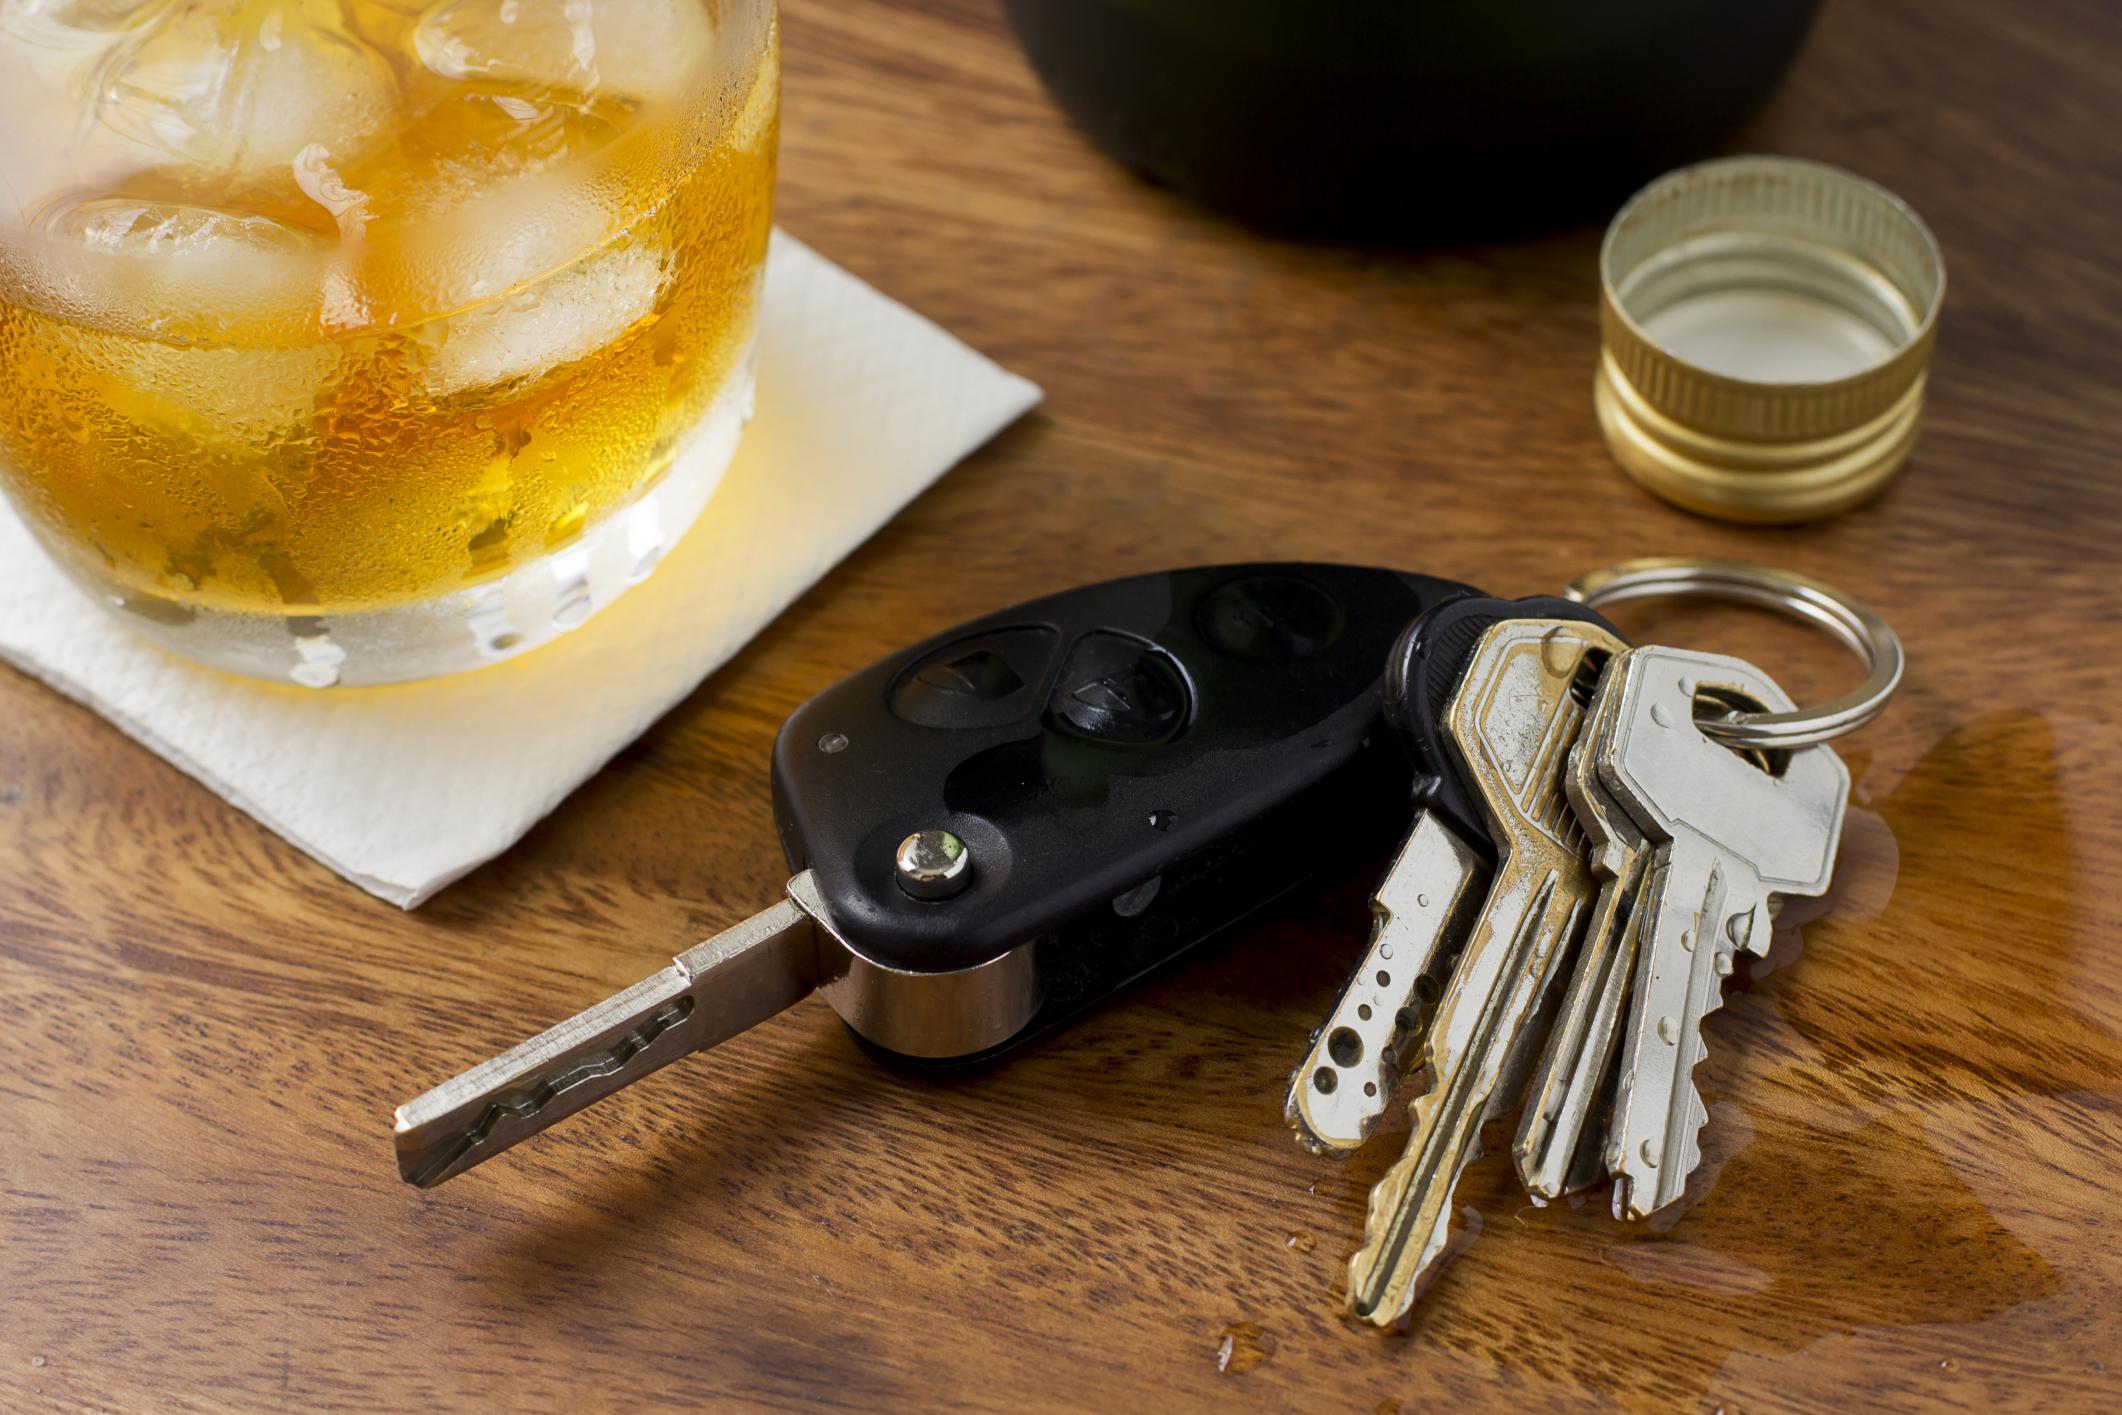 Dobrowolne poddanie się karze – jazda po alkoholu